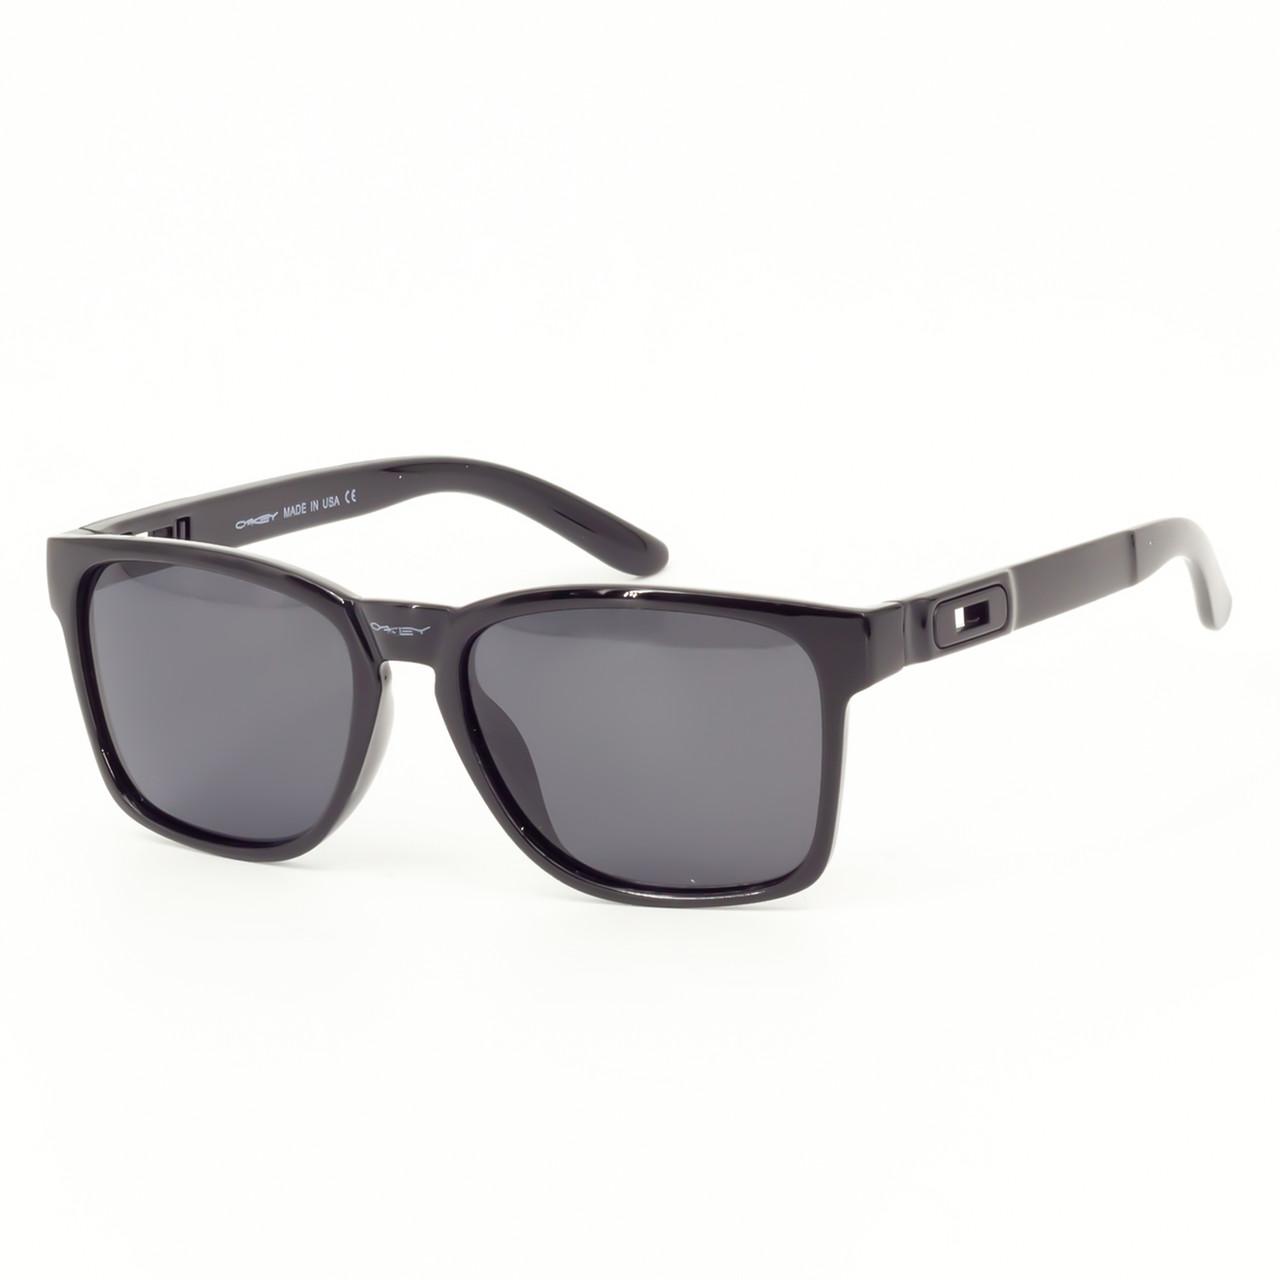 Солнцезащитные очки Oakley RP9034 C9 черные глянцевые    ( RP9034-09 )